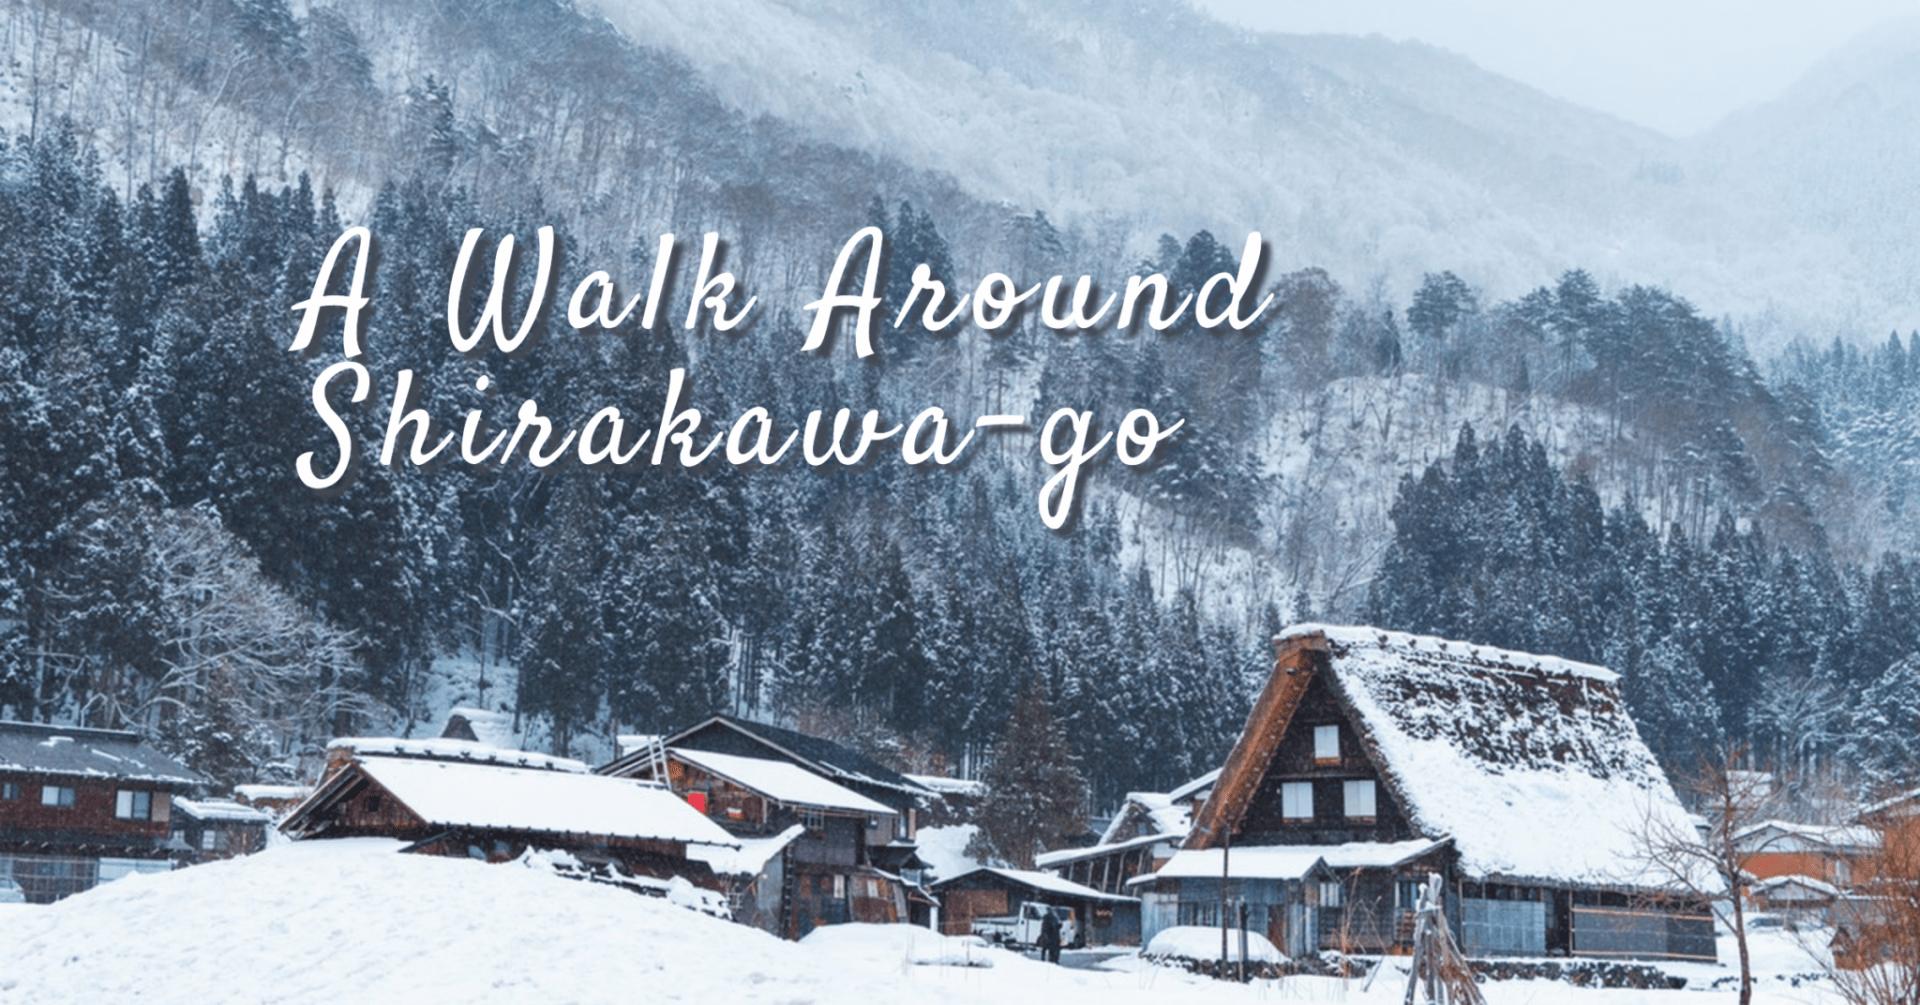 เดินเล่นท่ามกลางหิมะขาวโพลนที่หมู่บ้านชิราคาว่าโกะ!